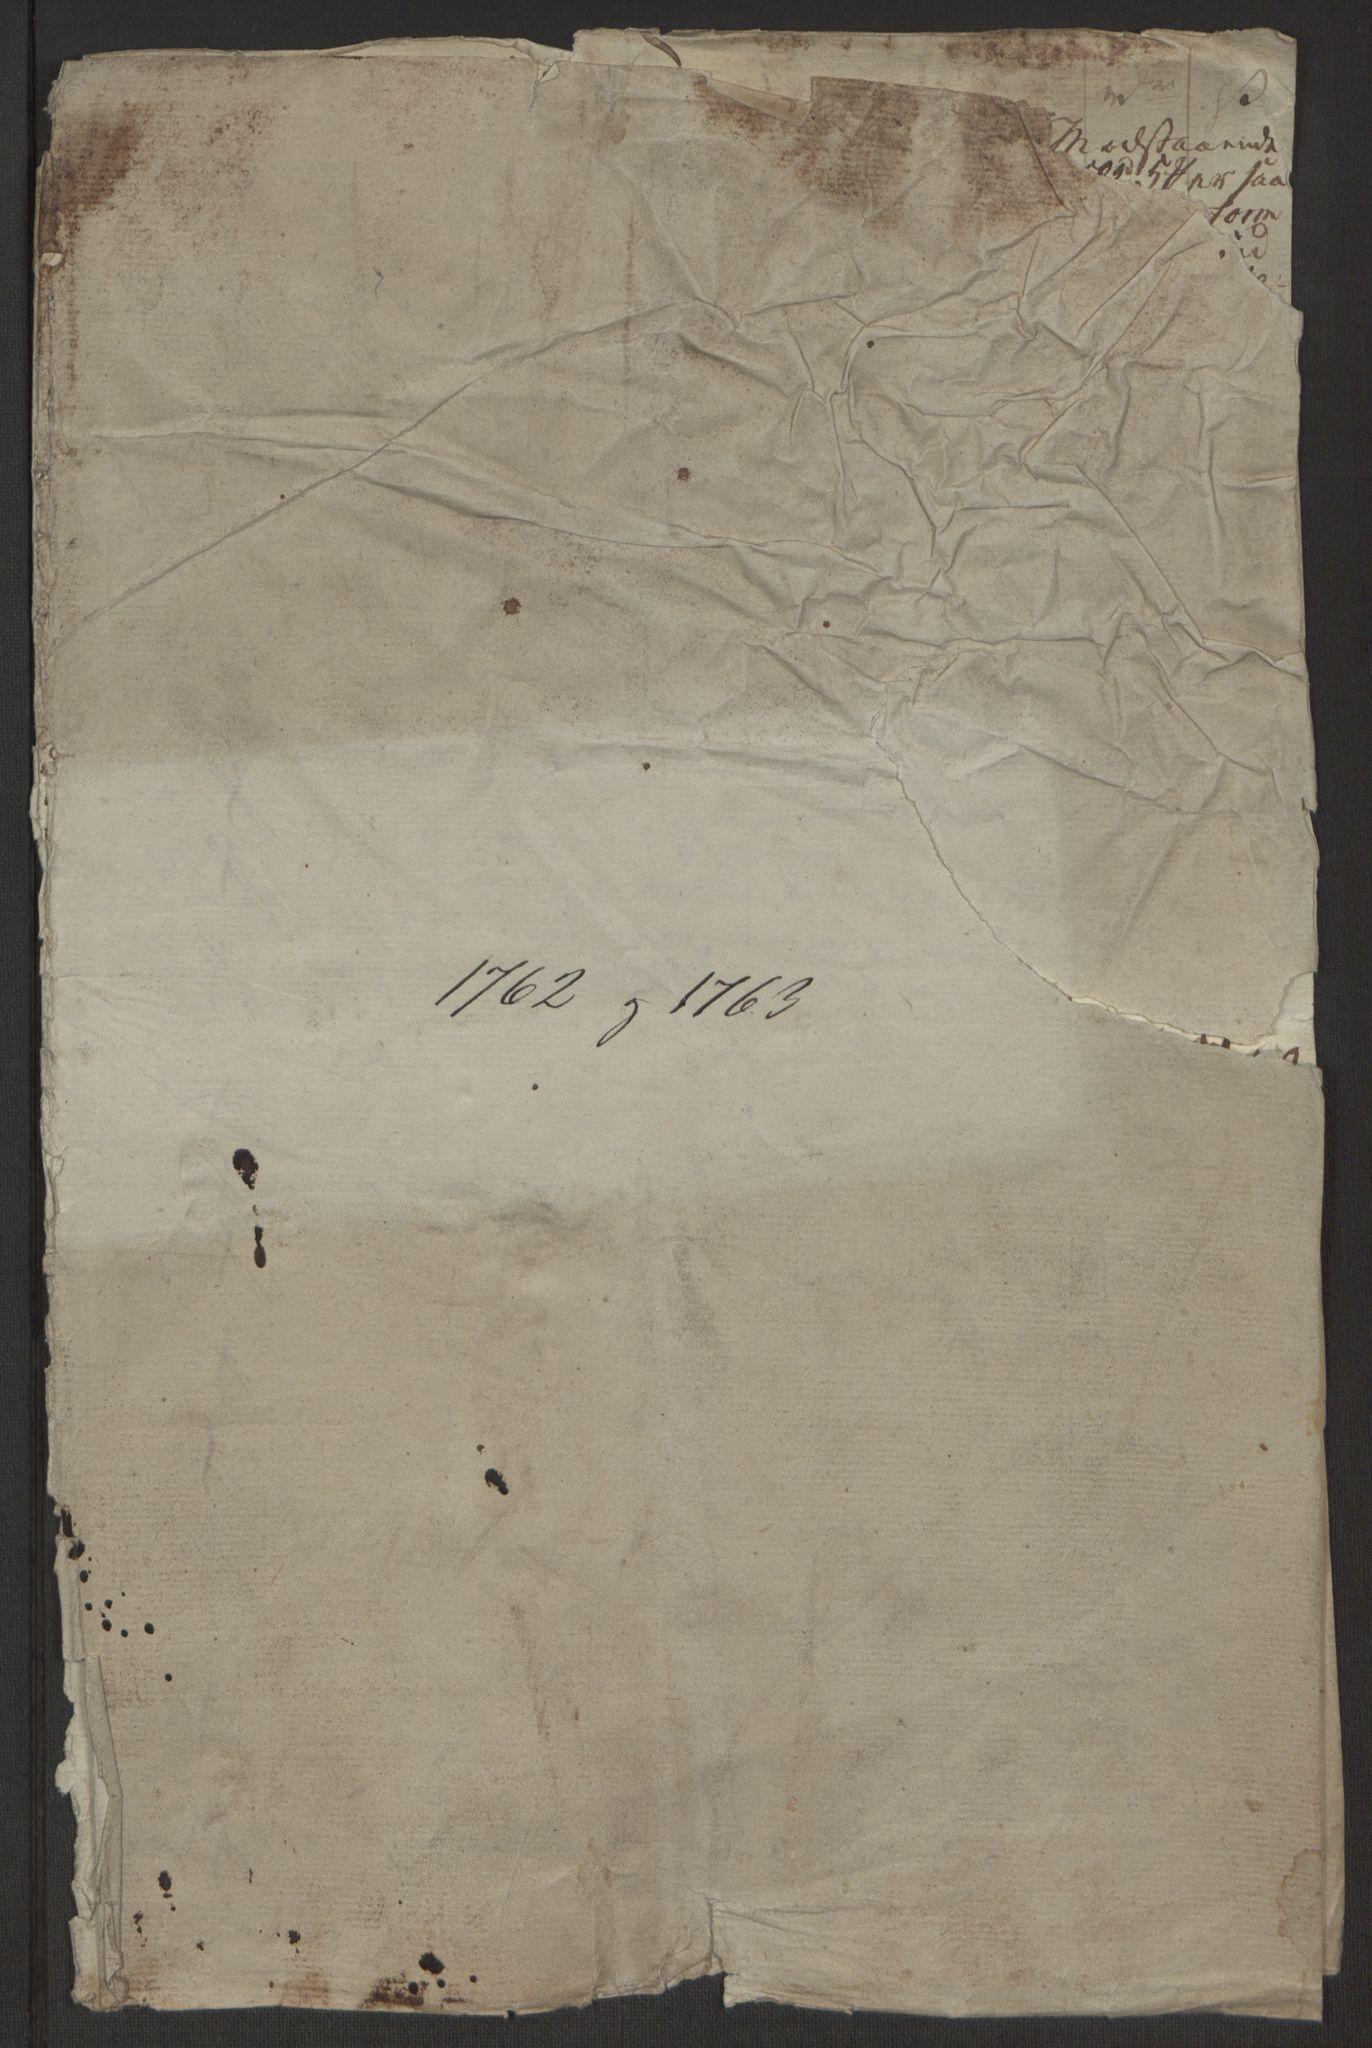 RA, Rentekammeret inntil 1814, Reviderte regnskaper, Byregnskaper, R/Rr/L0495: [R1] Kontribusjonsregnskap, 1762-1772, s. 4